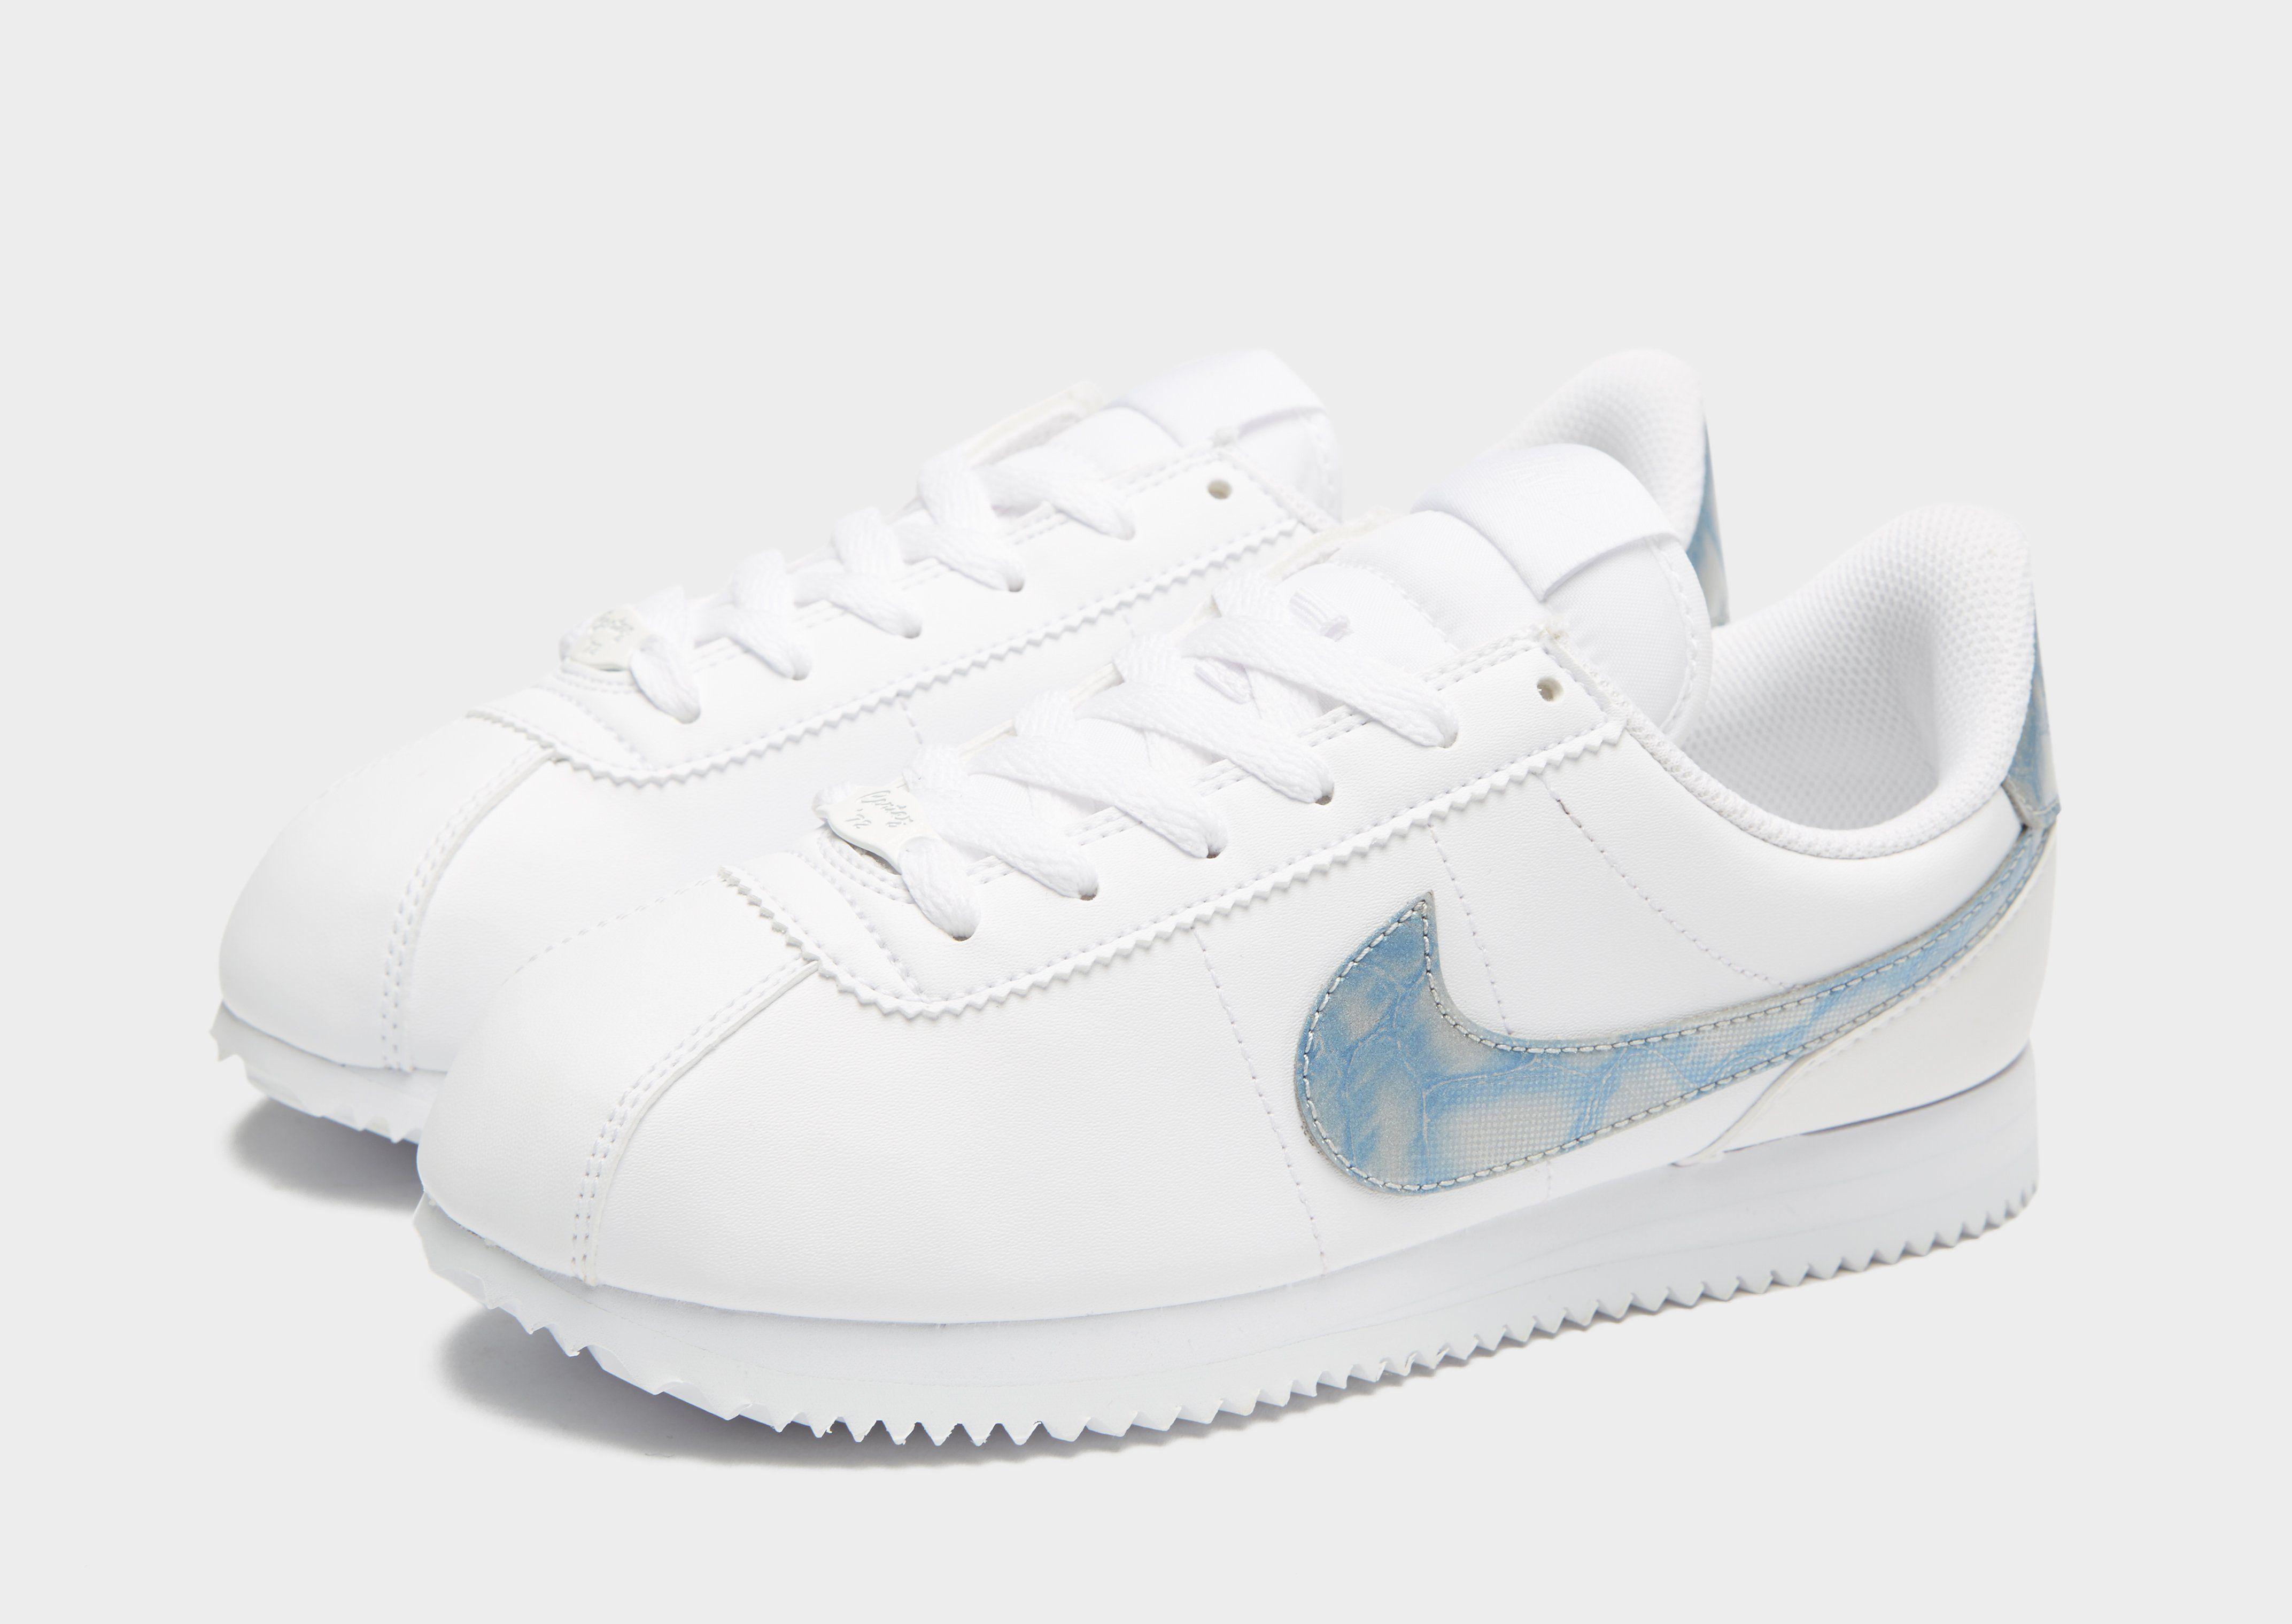 Nike Cortez Junior Weiss Billig Verkauf Bester Platz In Deutschland Billig PpXZov